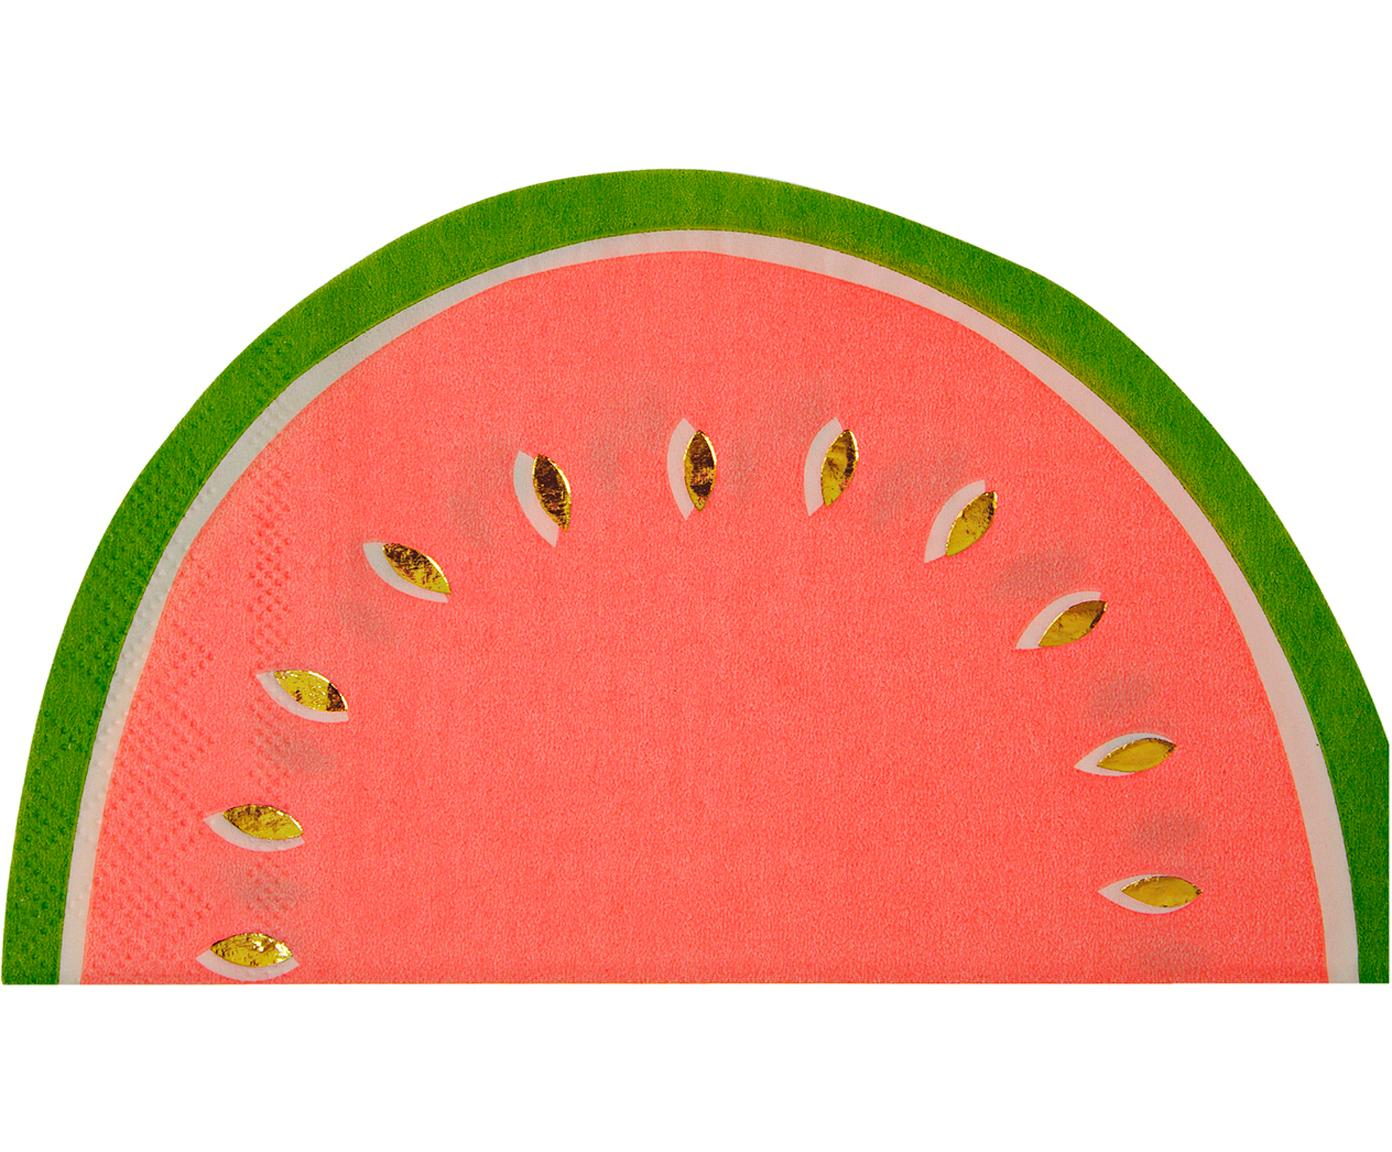 Papier-Servietten Watermelon, 16 Stück, Papier, Rot, Grün, Goldfarben, 20 x 17 cm